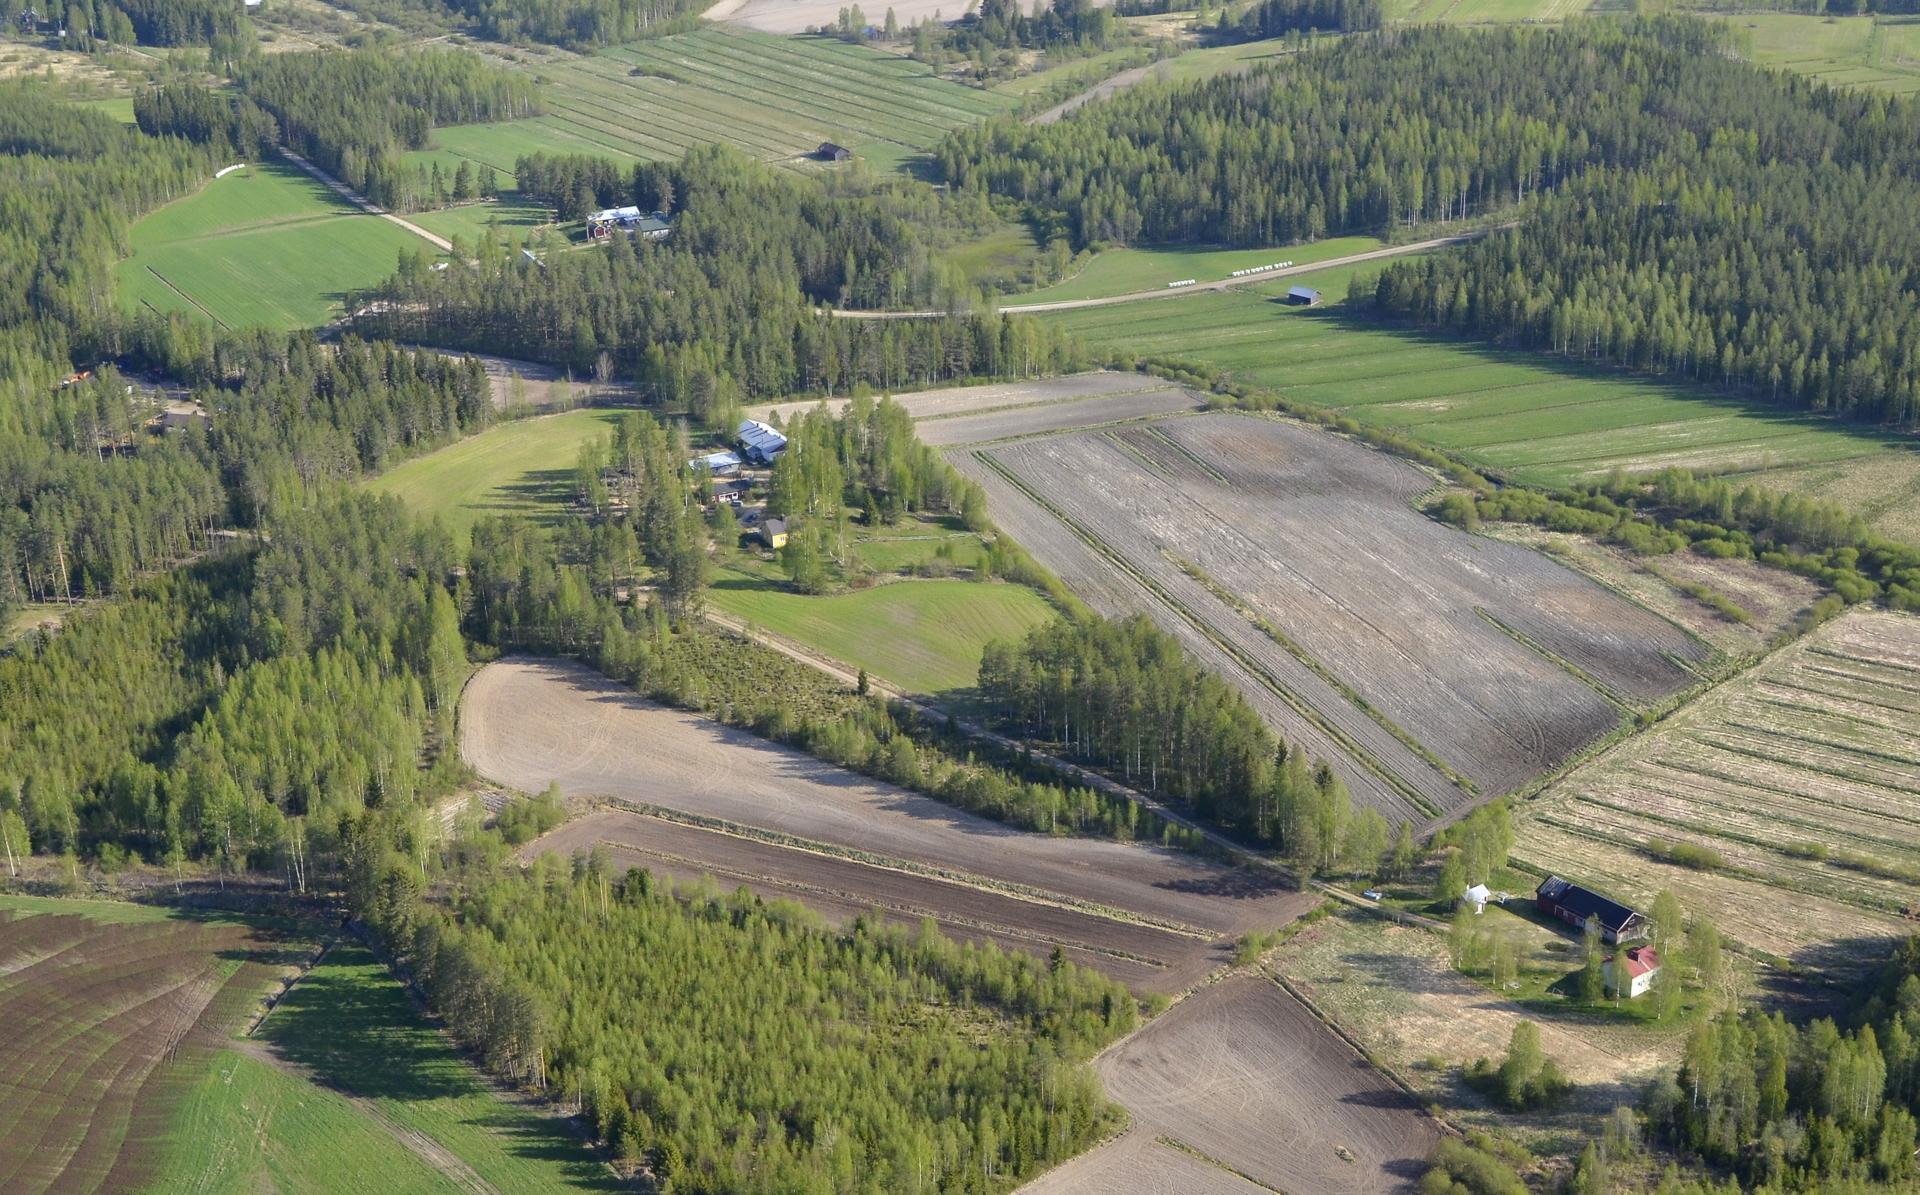 Vasemmalla ylhäällä Pässinmäki, jossa kohden tie haarautuu vasemmalle Viitakankaan Saarijärvelle.